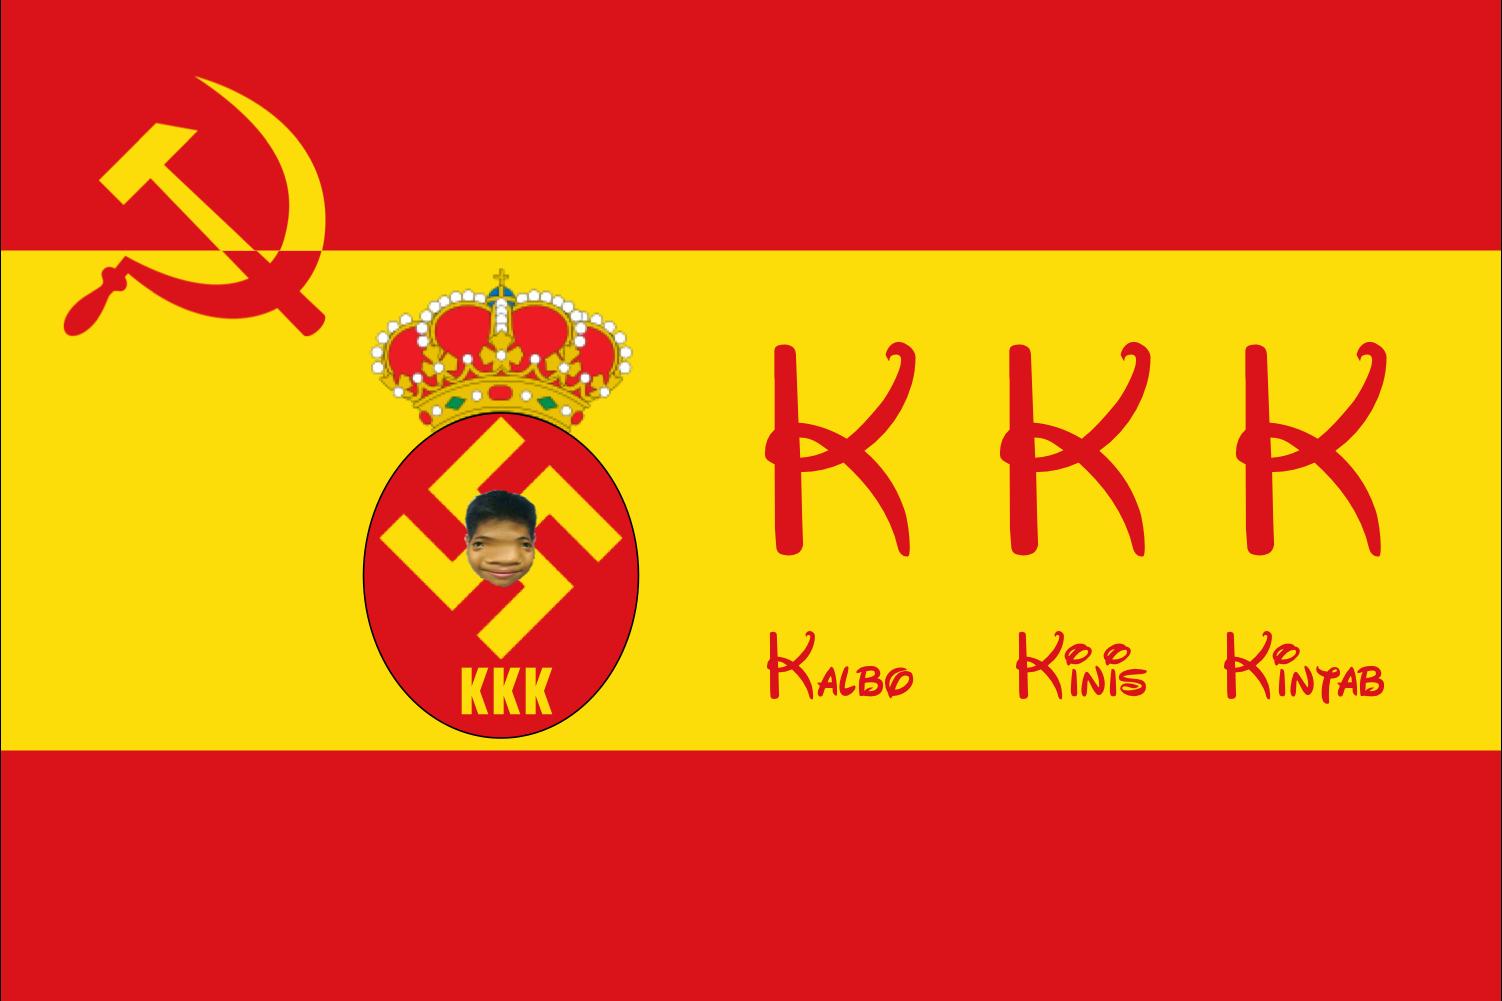 Flag Of Kkk Kalbo Kinis Kintab Wiki Fandom Powered By Wikia